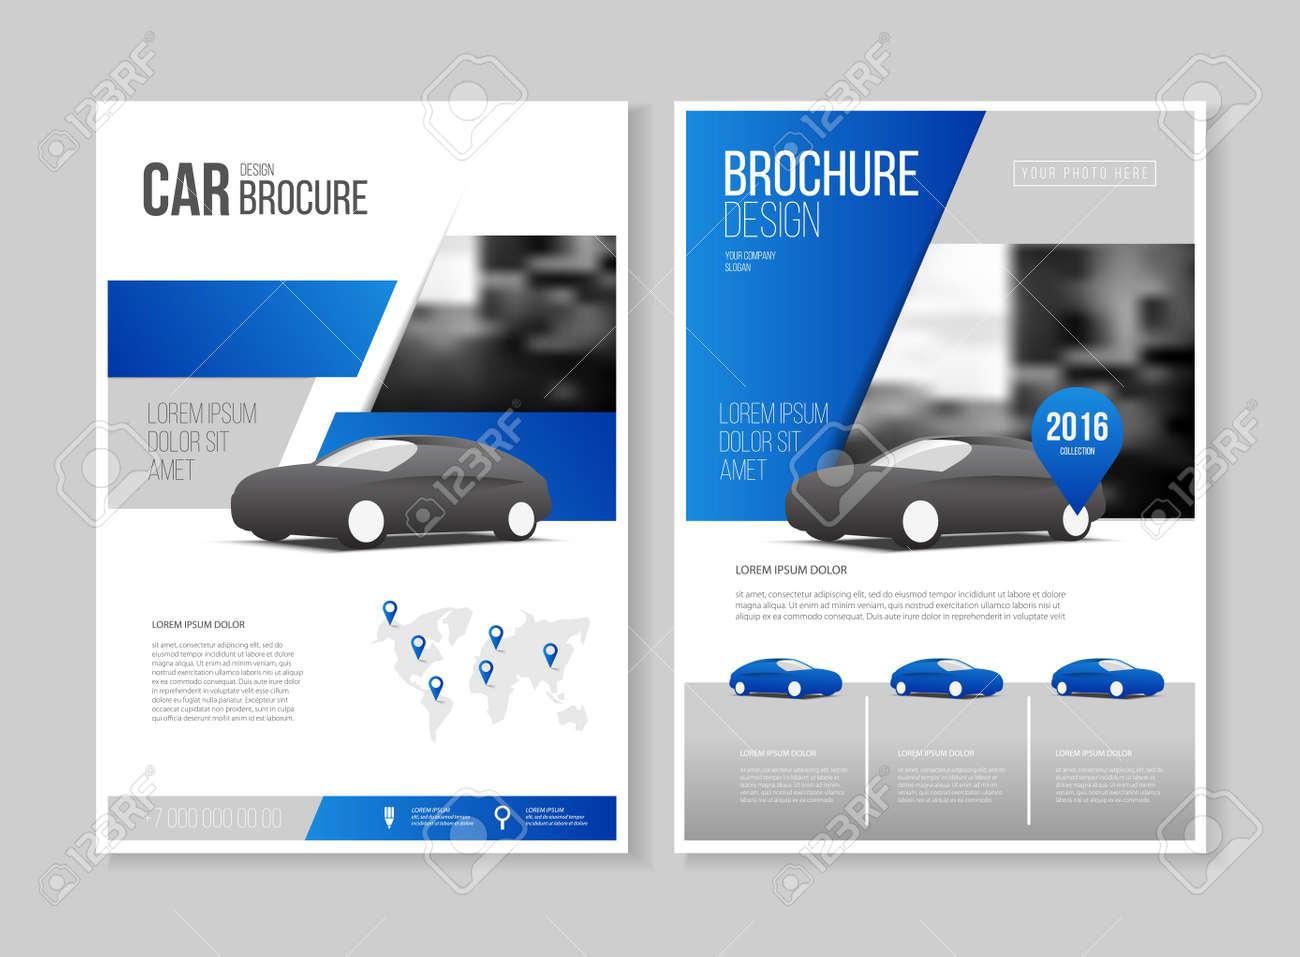 Ausgezeichnet Auto Design Vorlagen Galerie - Beispiel Anschreiben ...